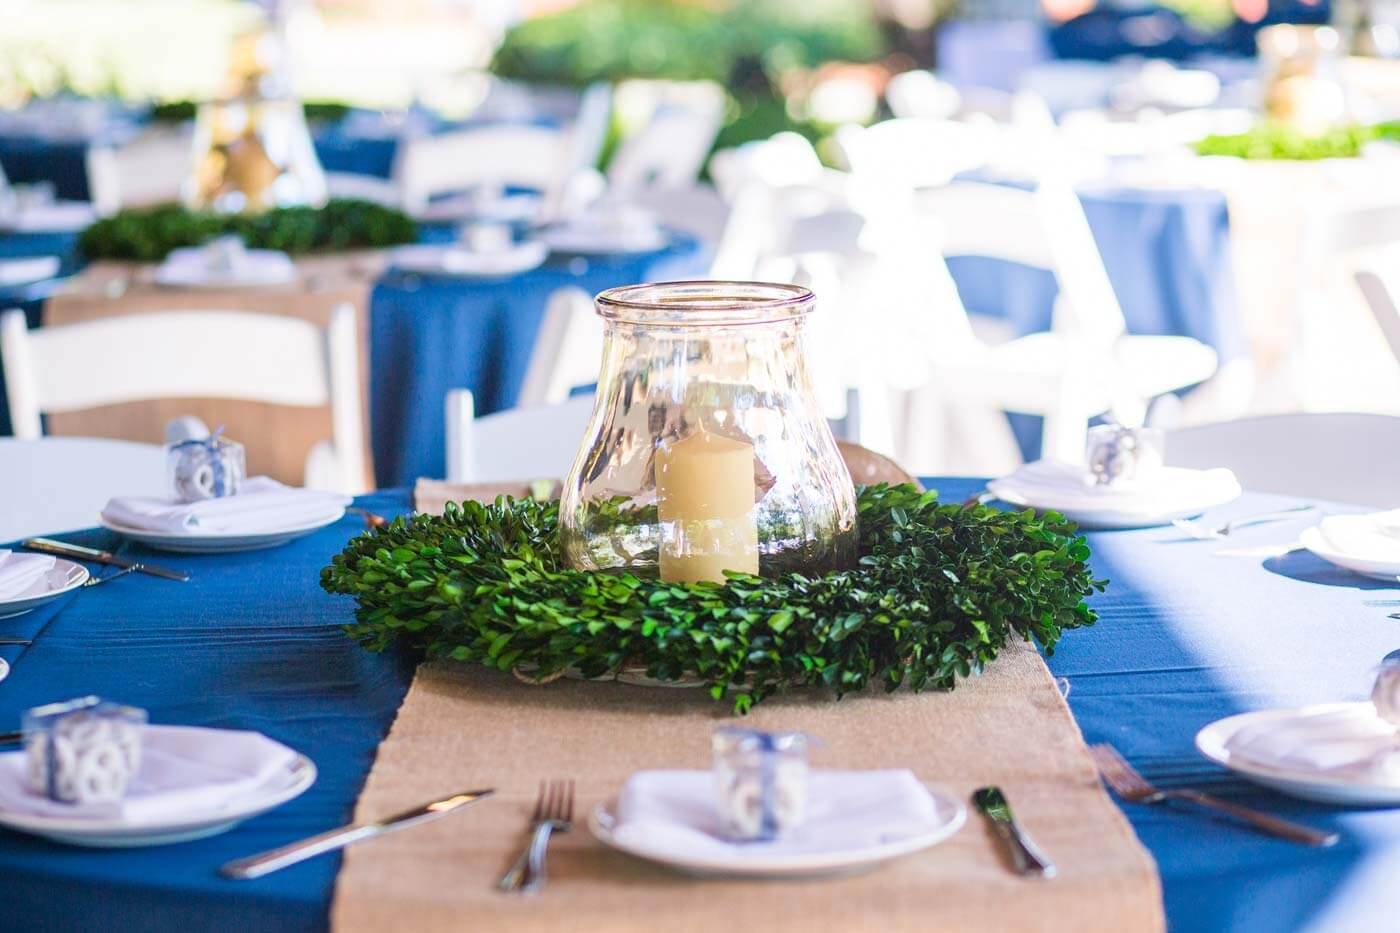 Hochzeit Blau Gestalten Die Besten Tipps Ideen Inspirationen